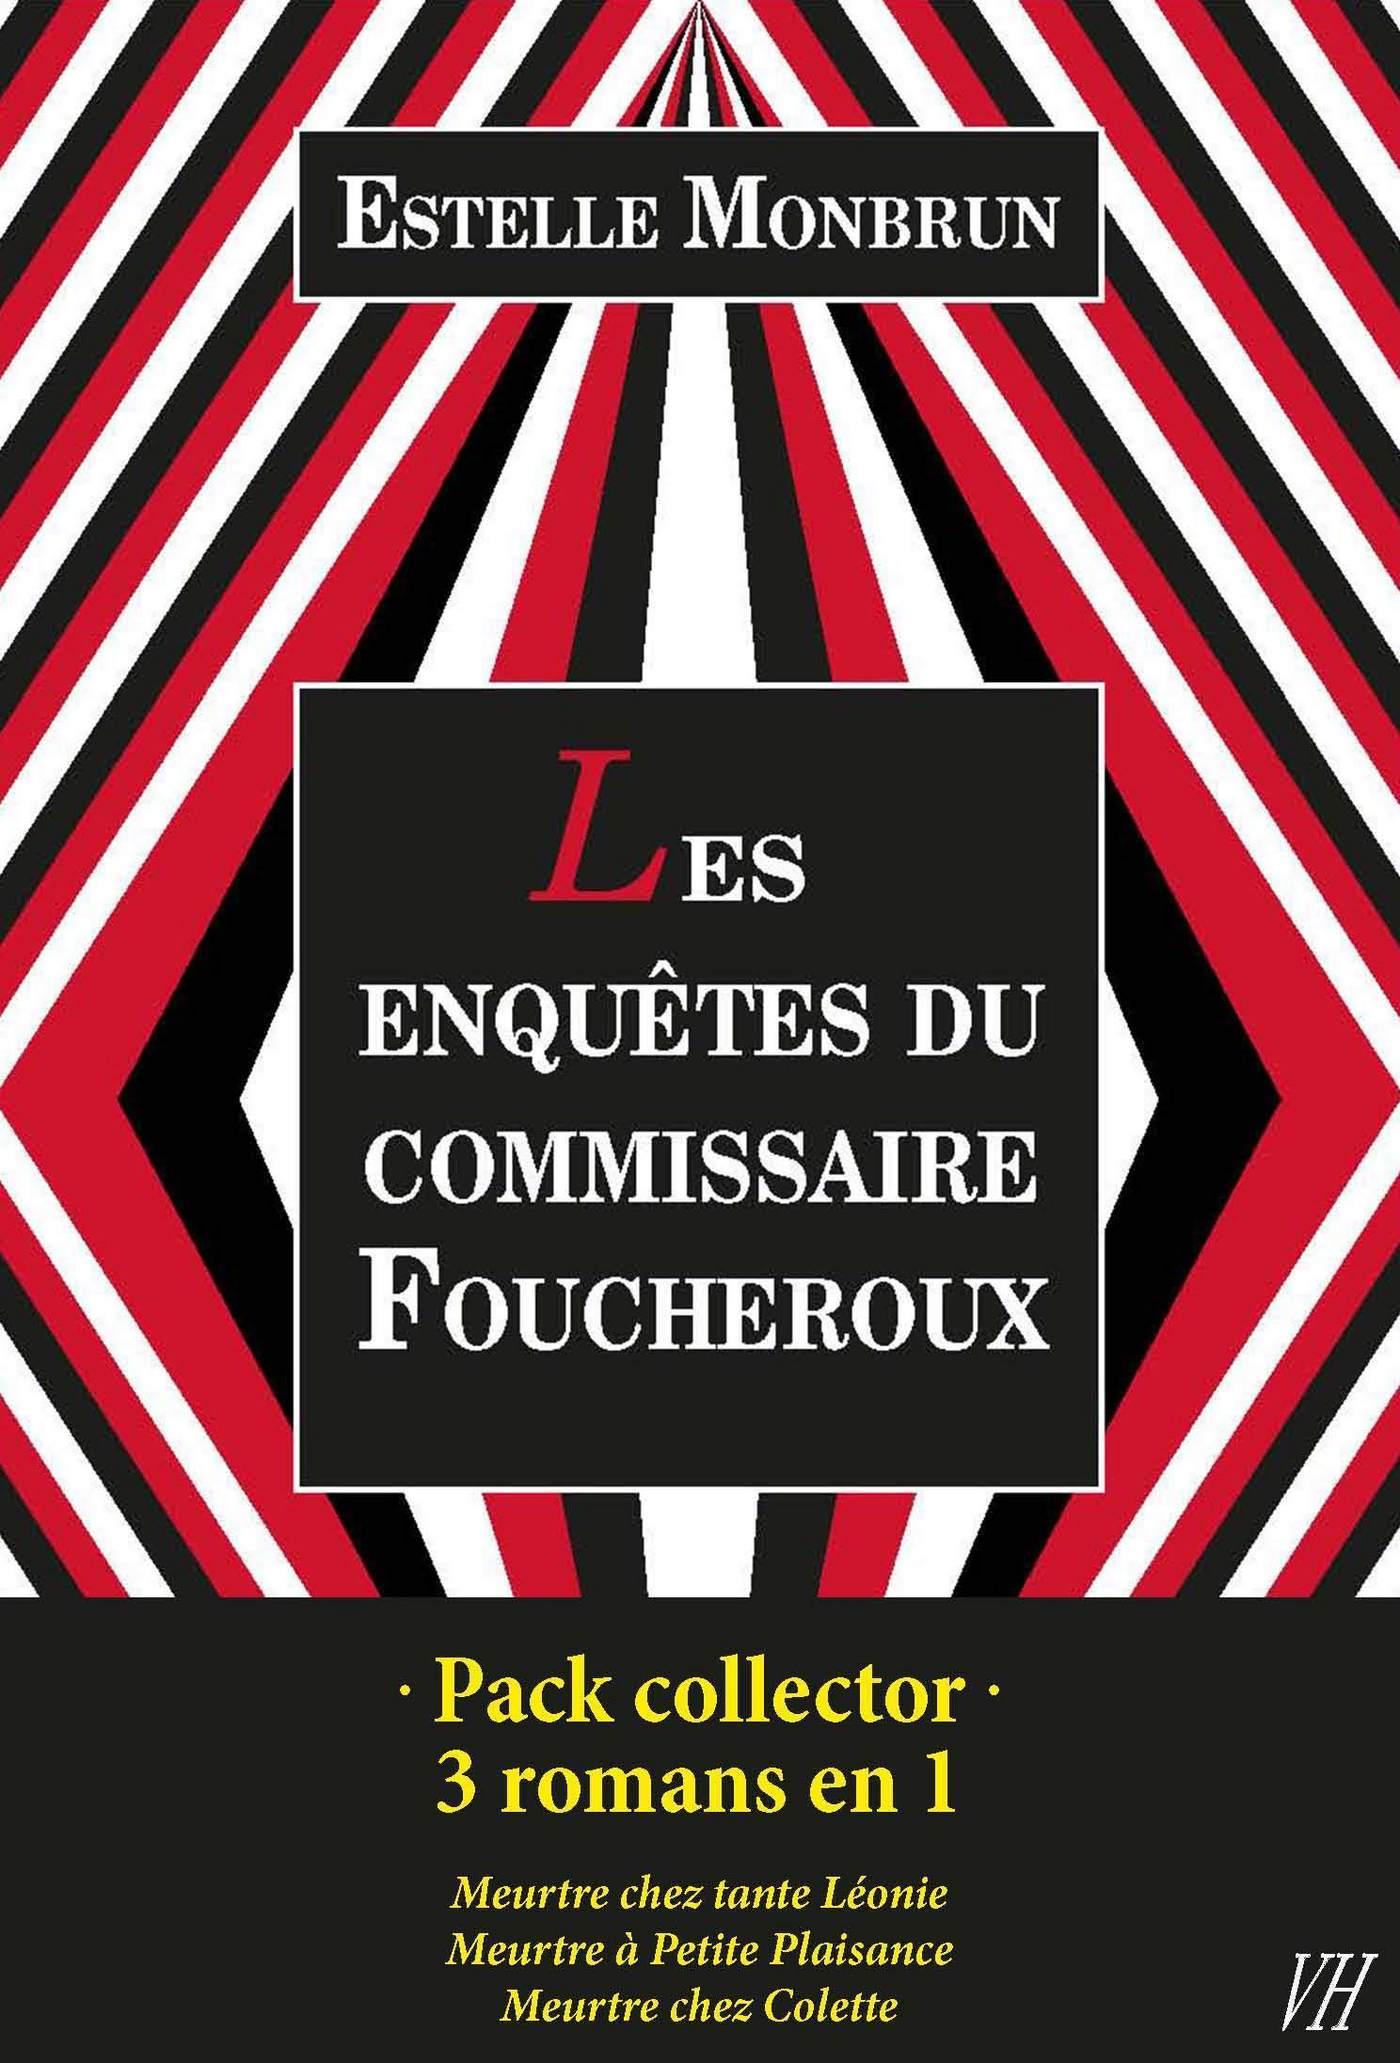 Pack collector Estelle Monbrun - Les enquêtes du commissaire Foucheroux